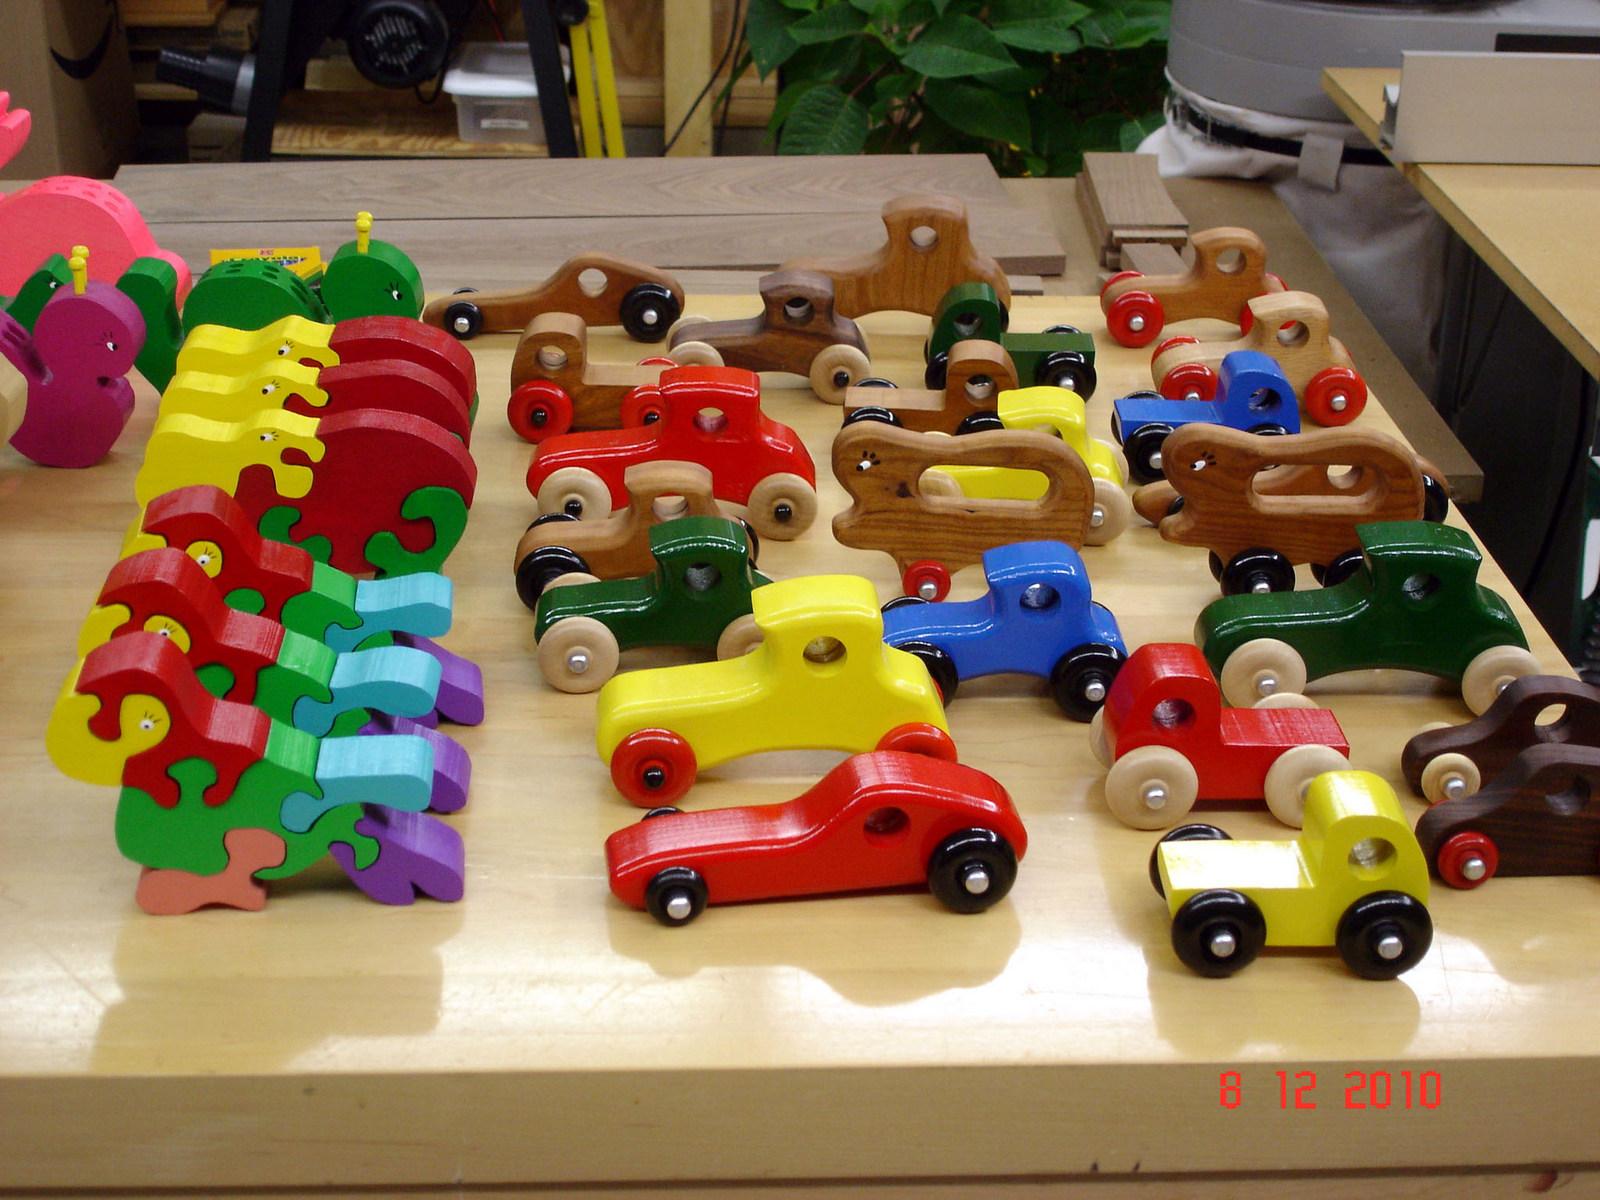 71-Toys 010.JPG